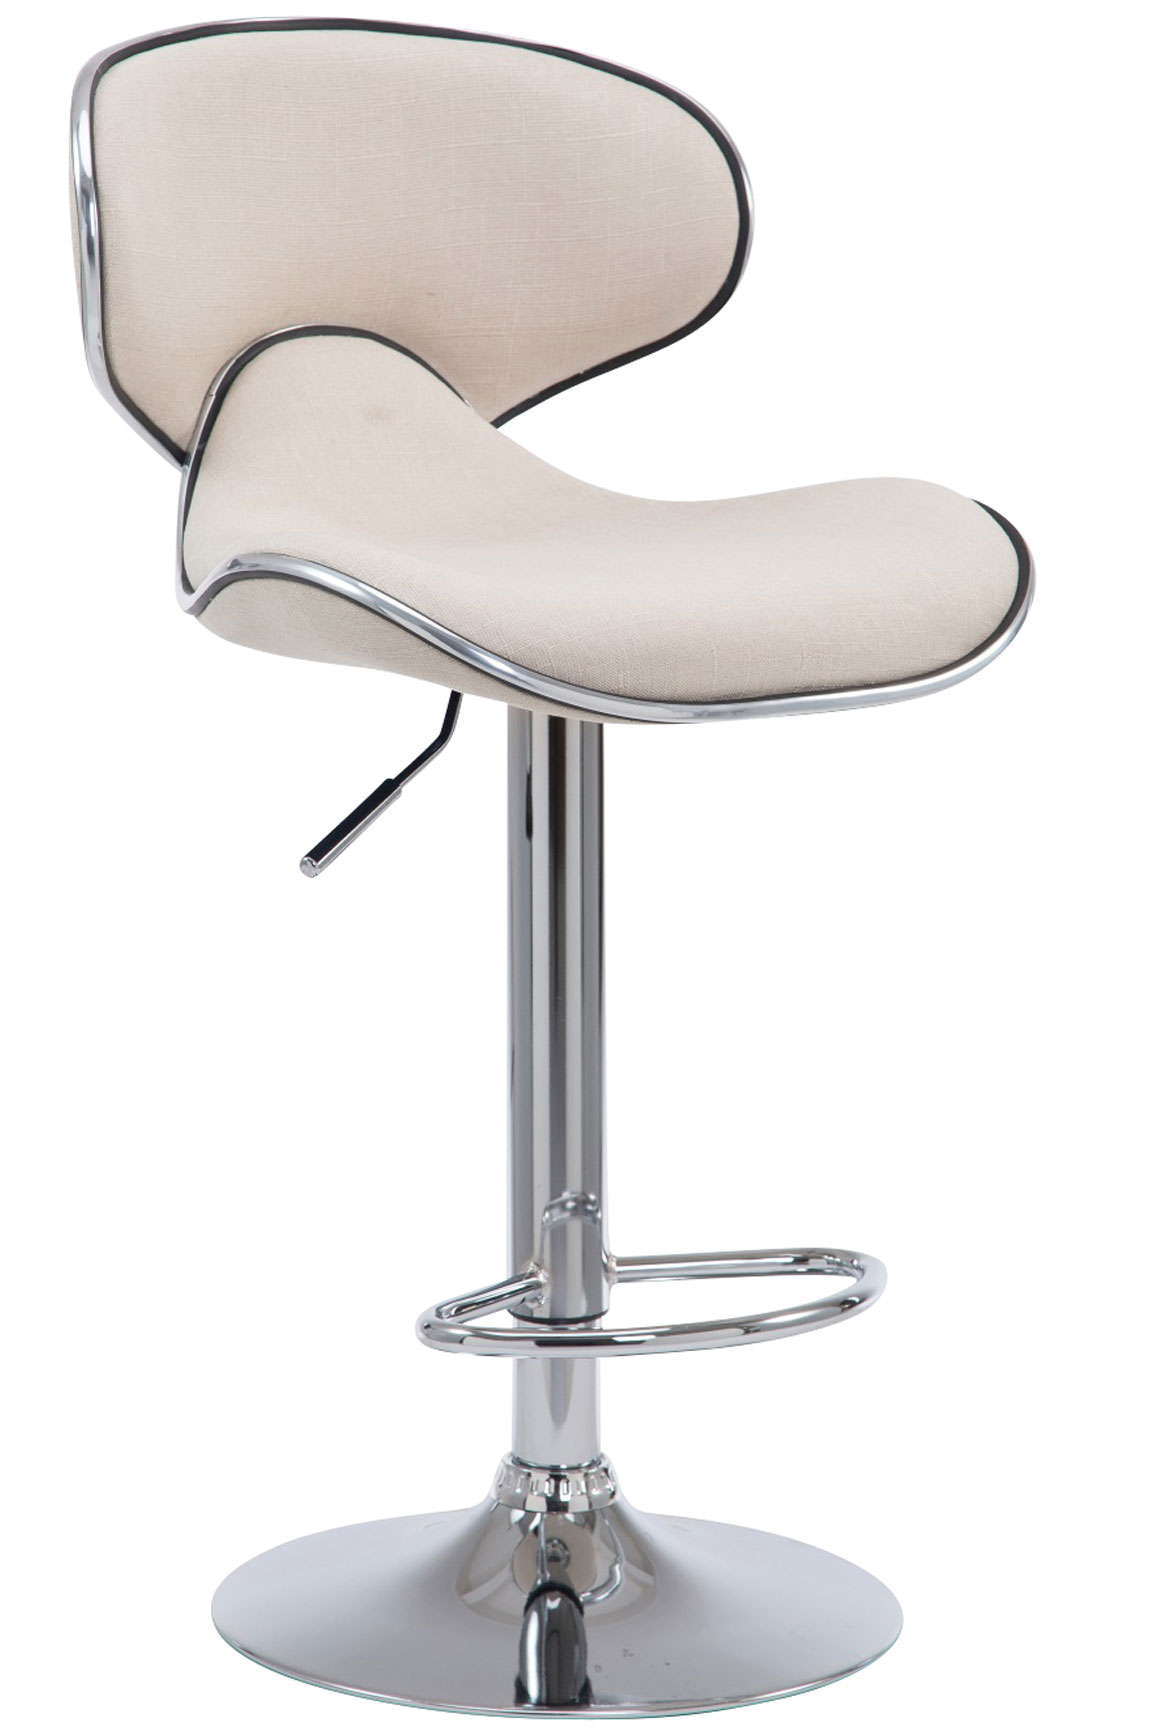 Barhocker las vegas v2 stoff barstuhl stuhl chromgestell for Stuhl hocker